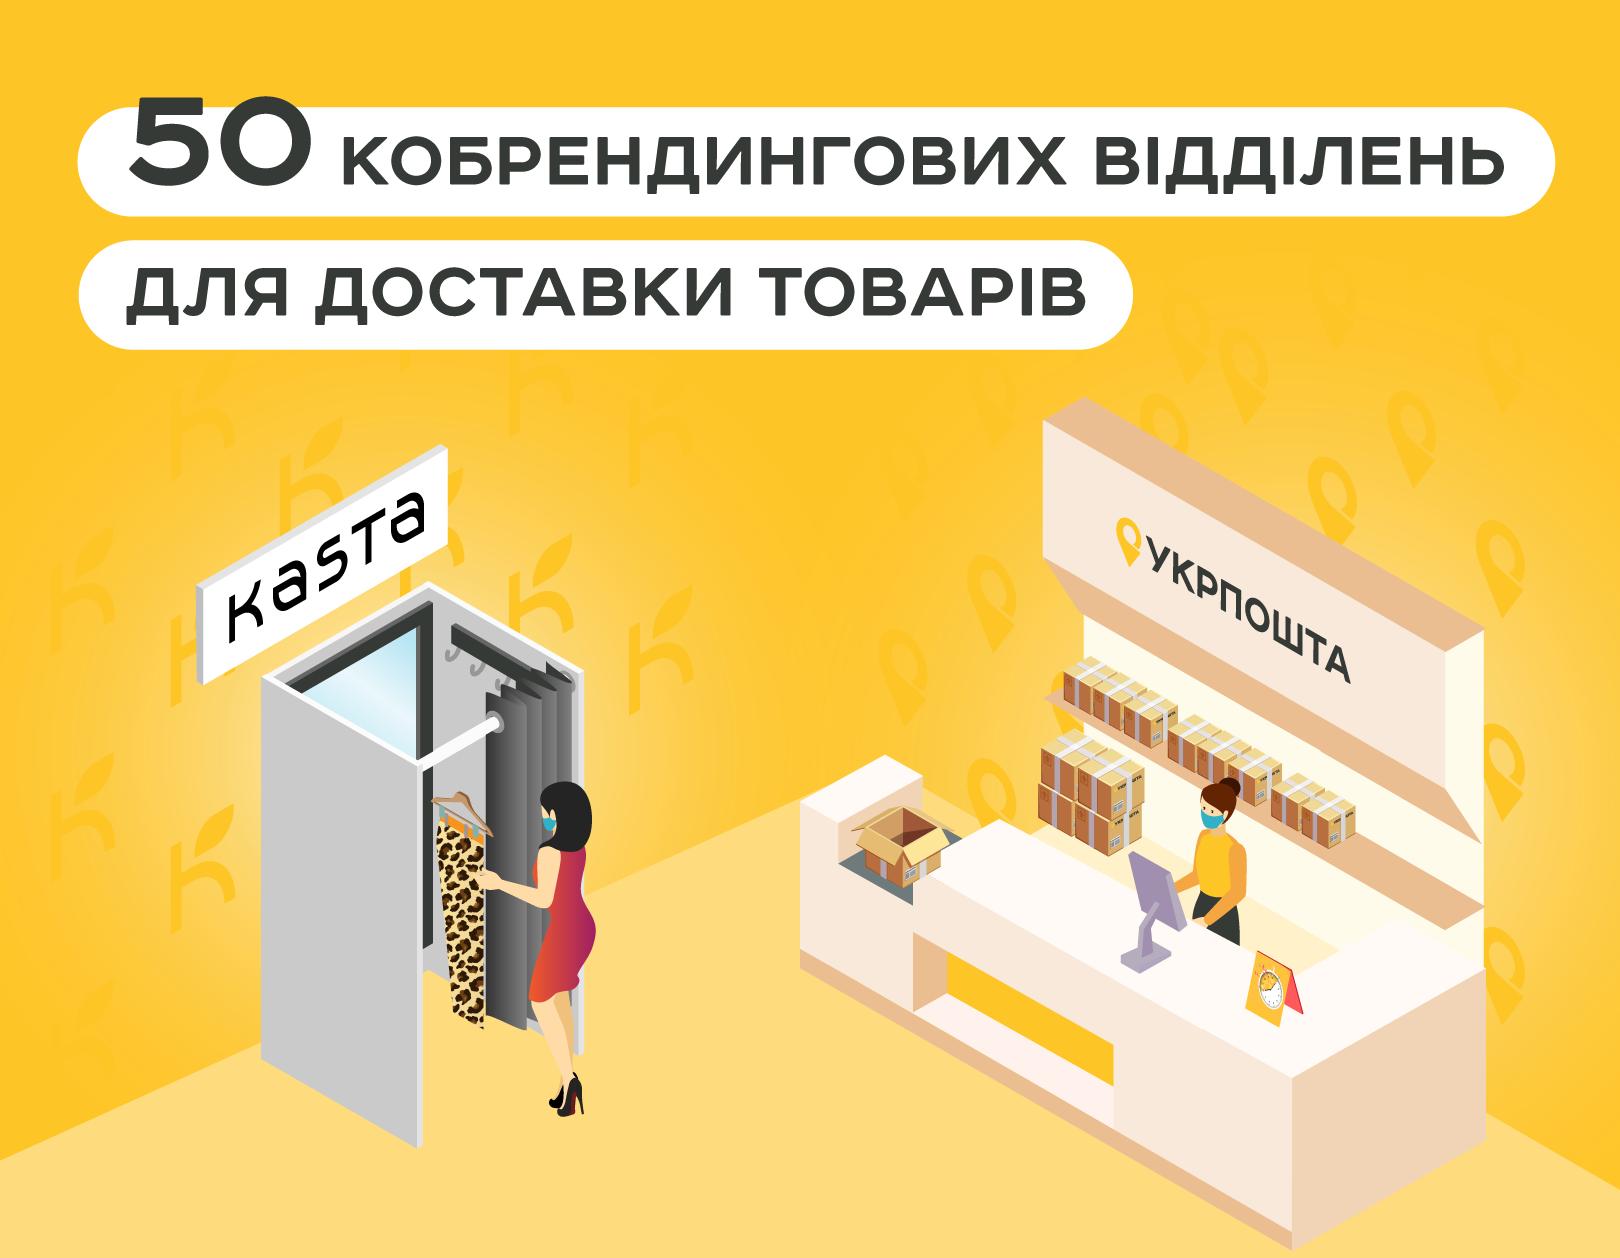 Укрпошта та Kasta відкривають 50 відділень для доставки товарів